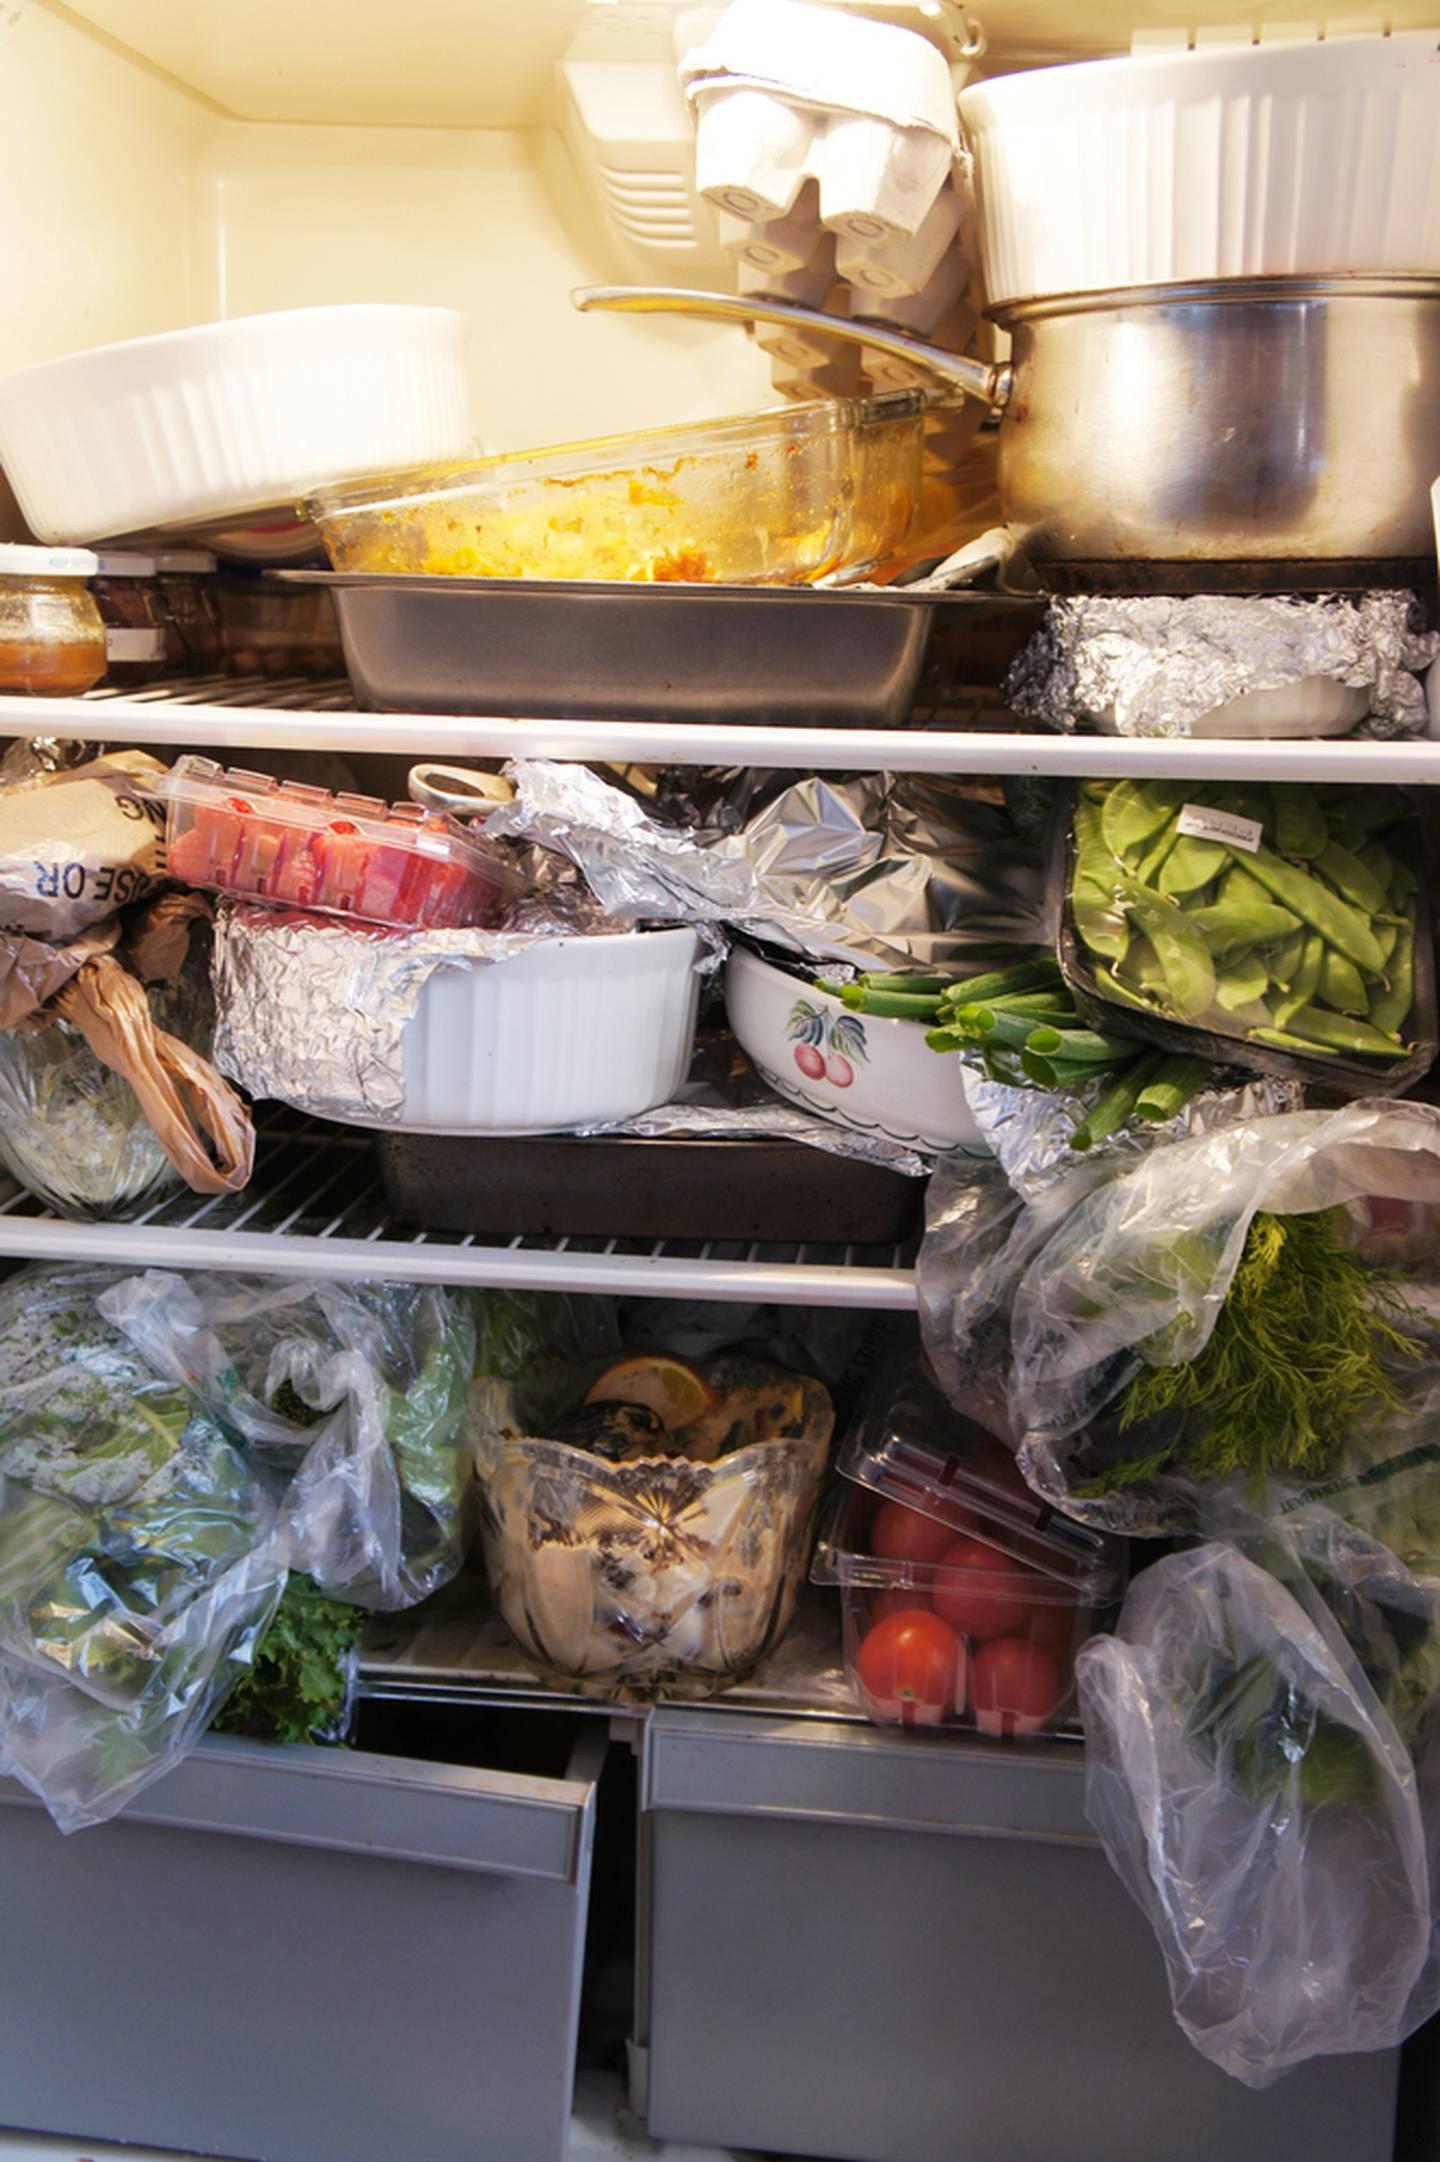 Los costarricenses tenemos buenas intenciones de no desperdiciar comida, pero debido a las malas mañas al comprar y conservar alimentos, terminamos botando miles de toneladas al año